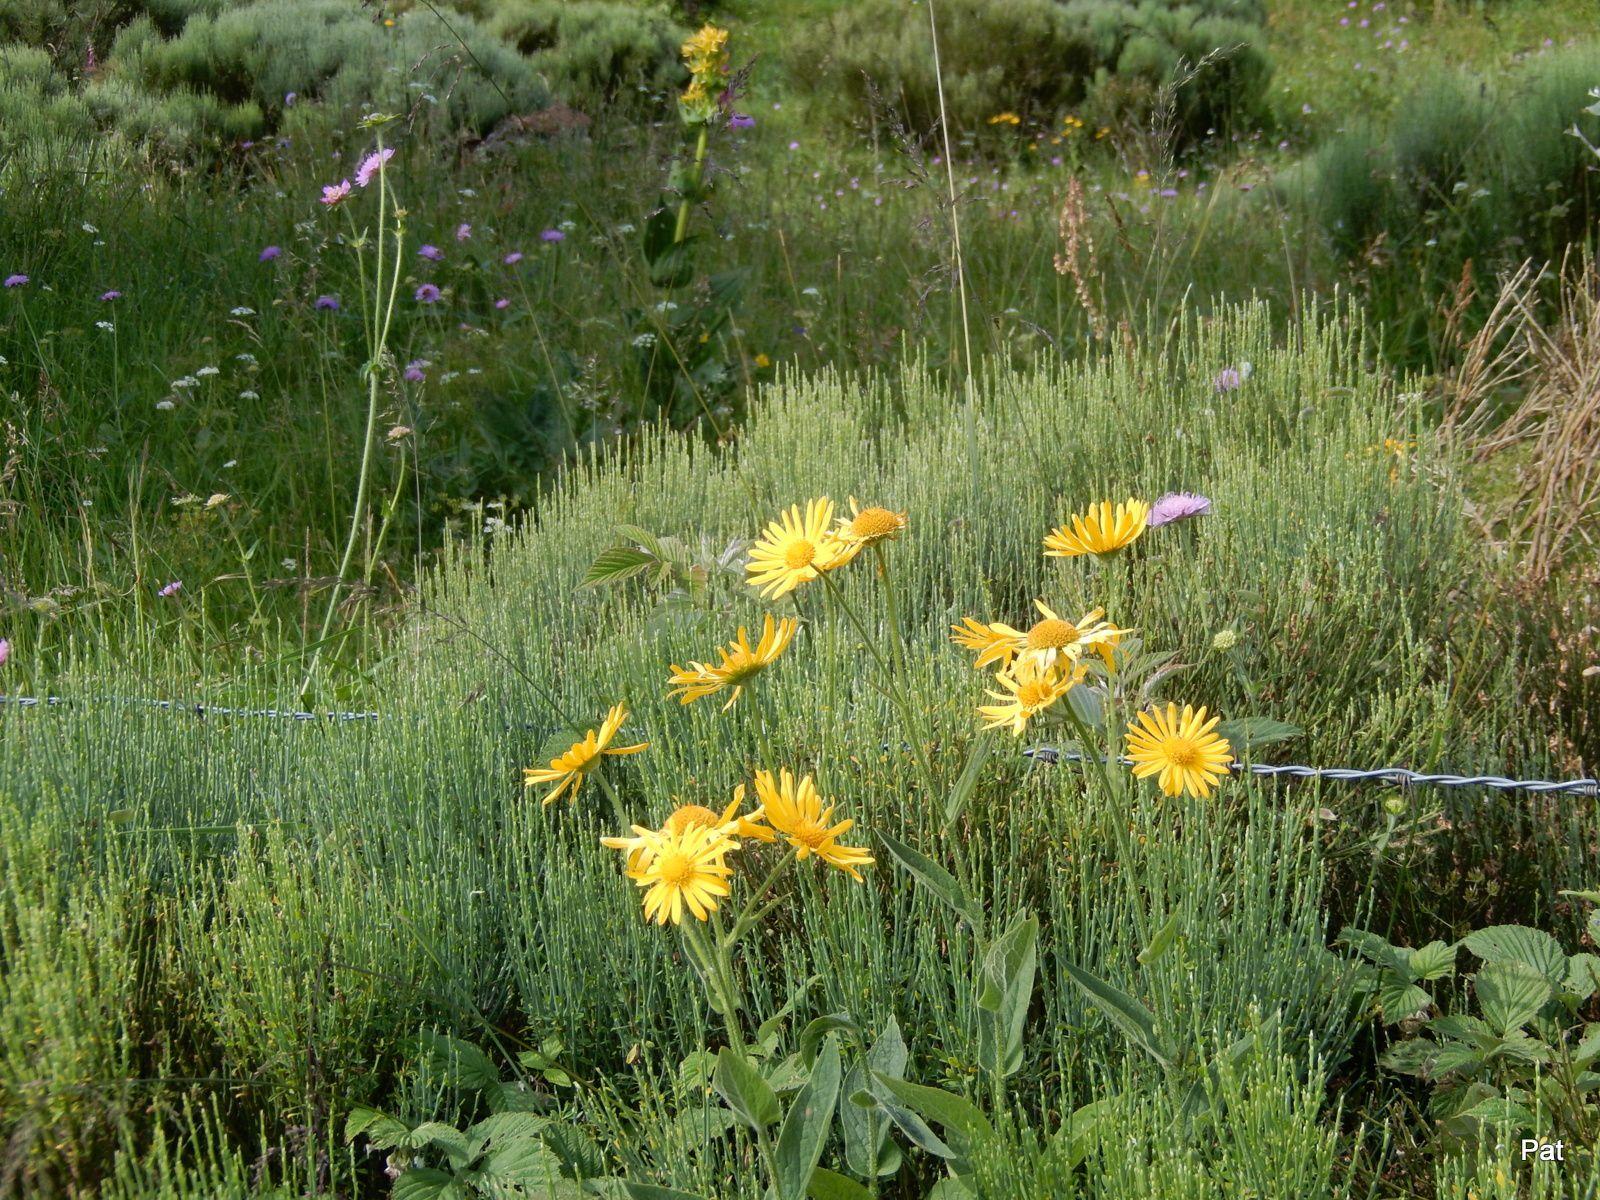 Des fleurs qu'ils ont côtoyé durant leur balade: des digitales, orchidées, anémones ....Bravo à tous !